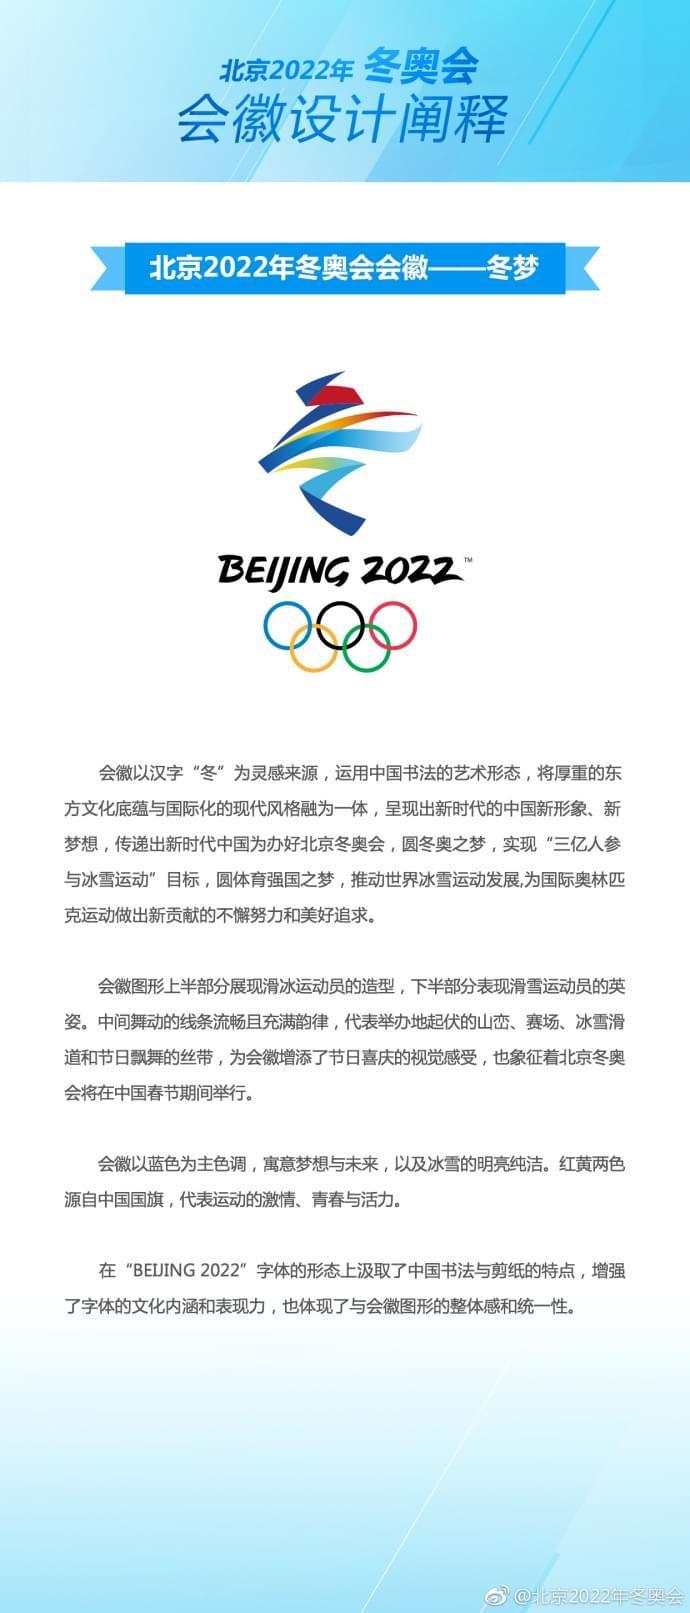 北京2022年冬奥会会徽和冬残奥会会徽诞生记